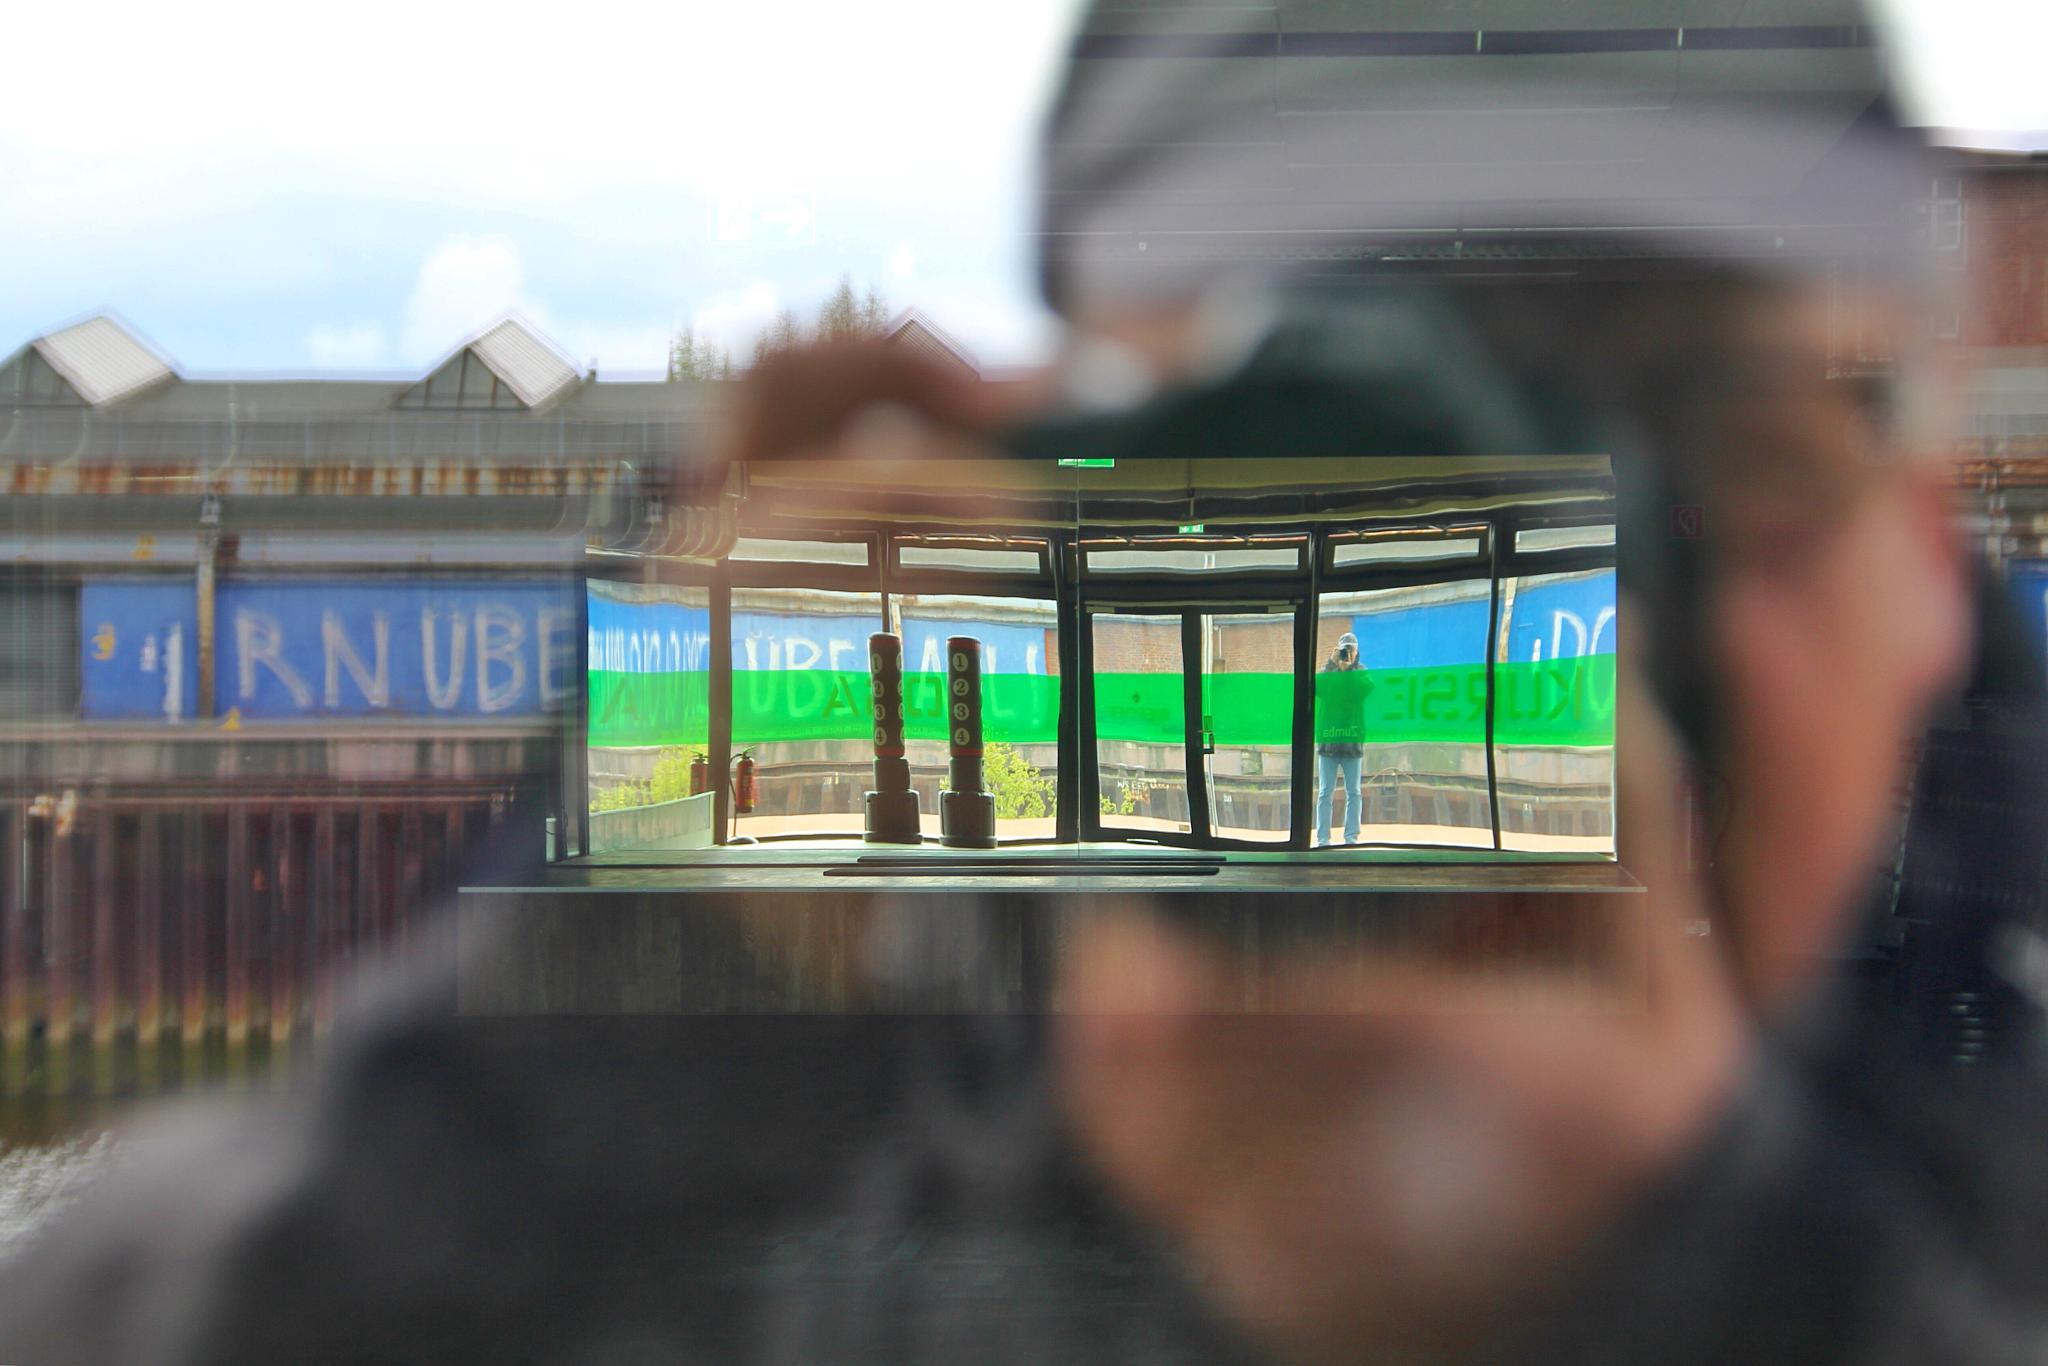 Selfportrait In Shop Window by Harry Schäfer